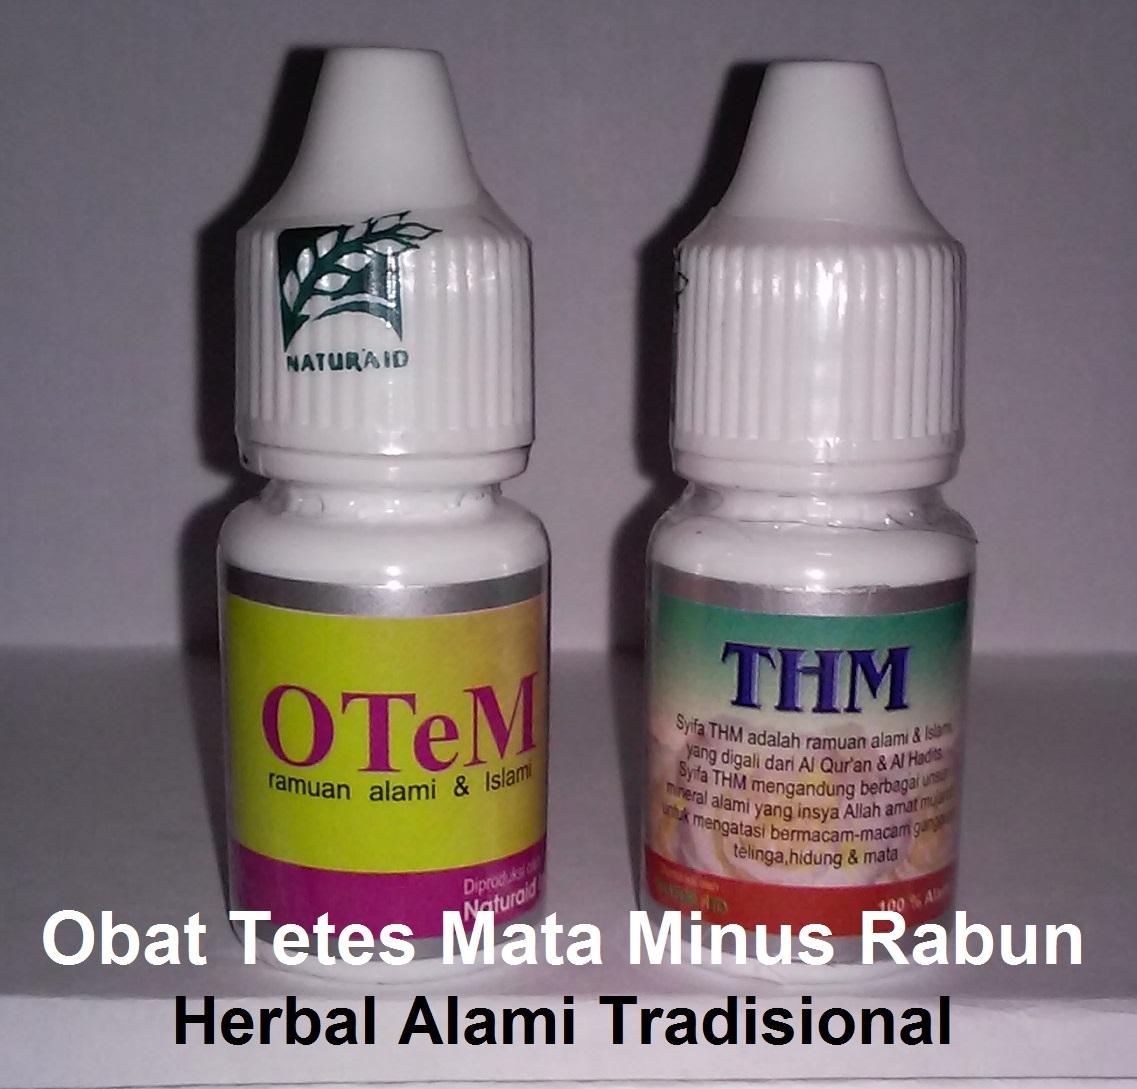 Cara Obat Tetes Menurunkan Mata Minus Rabun Herbal Otem Thm 1obat Madu Menormalkan Dan Alami Gurah Asli Produk Naturaid Indonesia Minusnya Fungsi Memaksa Seseorang